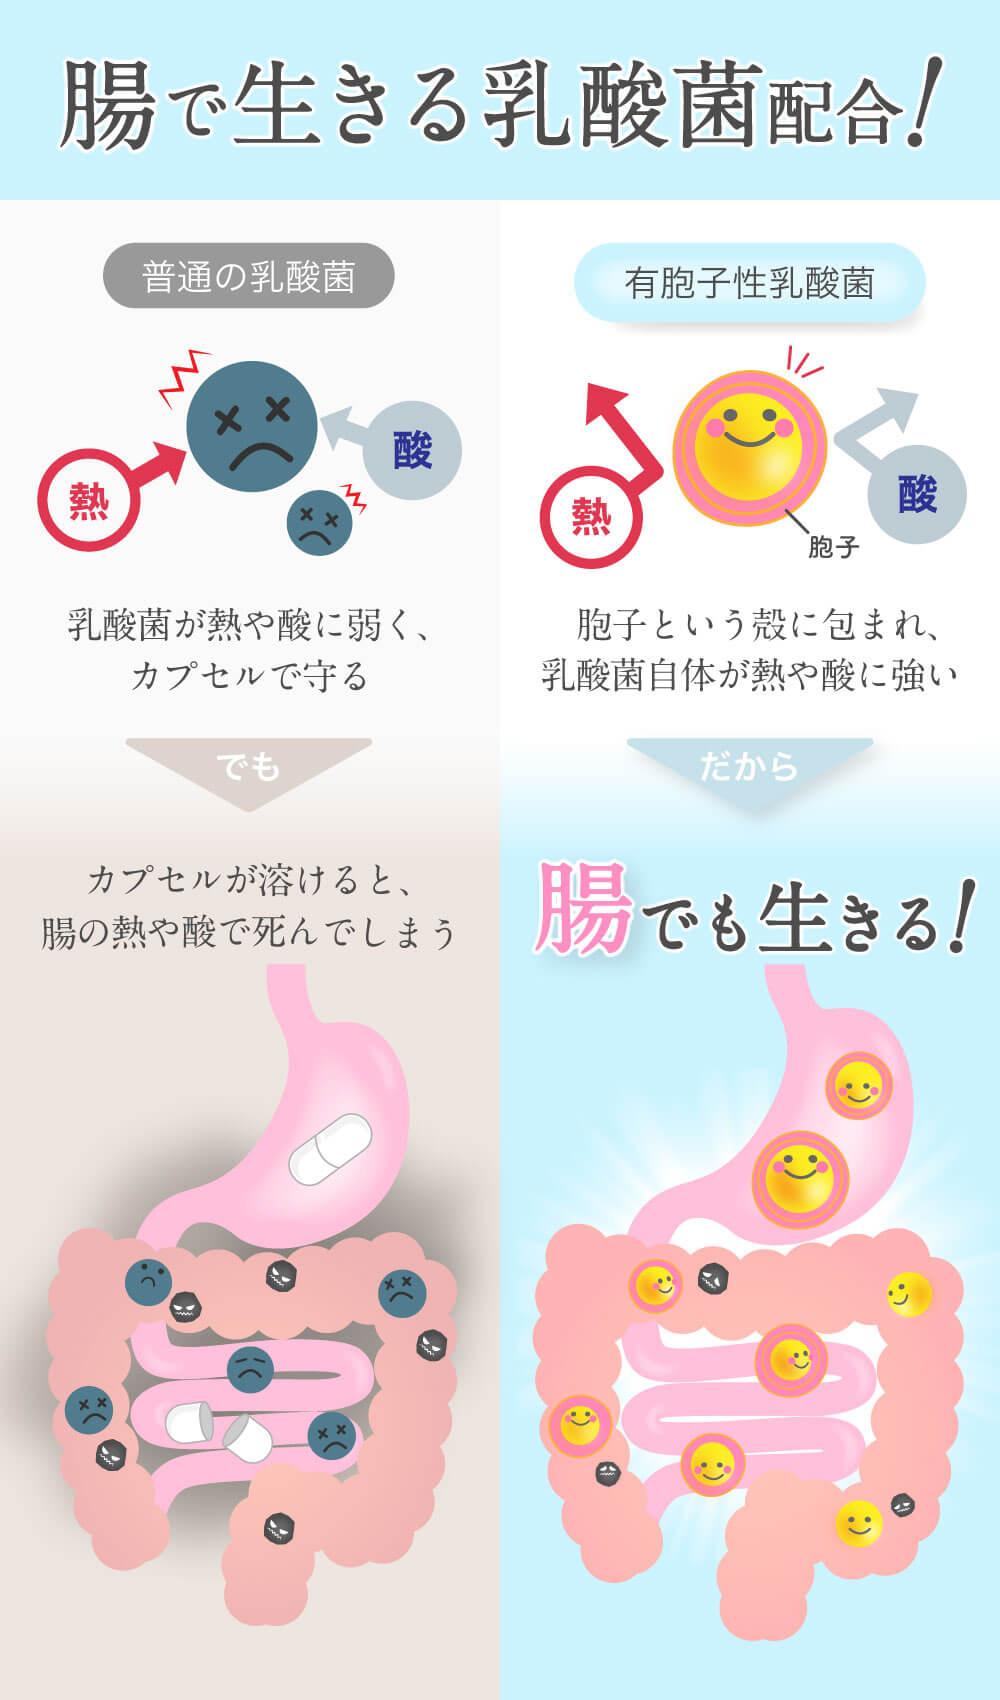 腸で生きる乳酸菌配合!